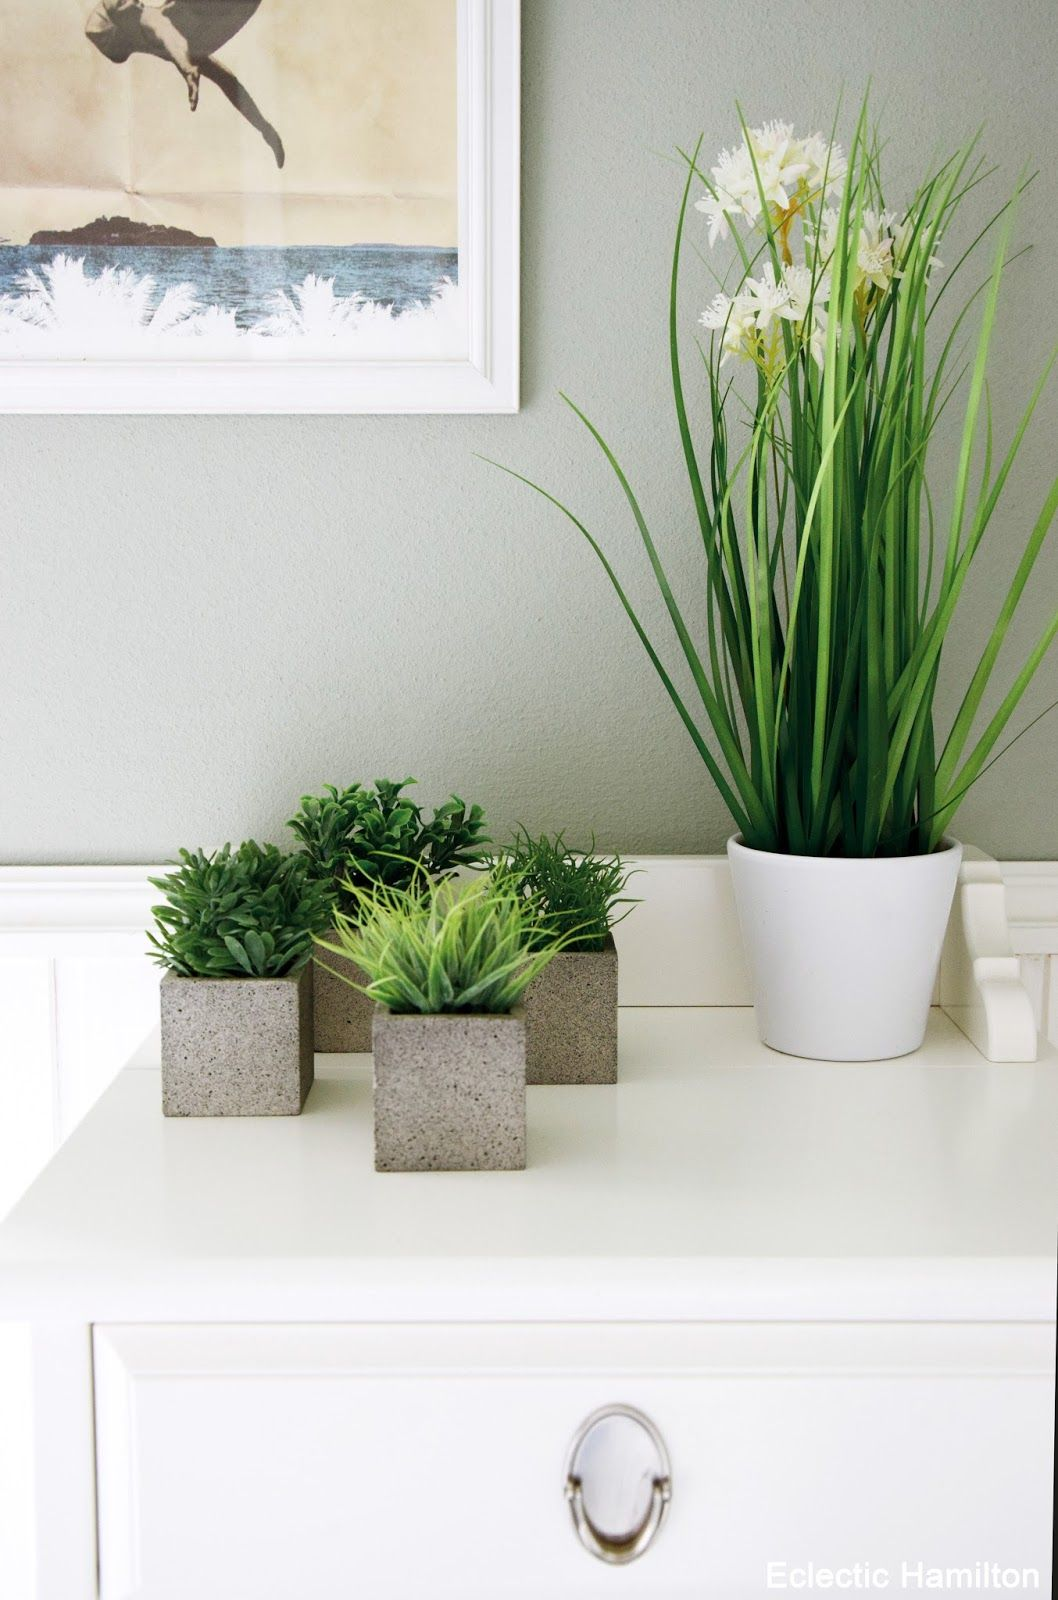 Pflanzen Fur Mein Badezimmer Und Einblicke Endlich Mal Wieder Mrs Greenery Badezimmerpflanzen Deko Furs Bad Badezimmer Dekor